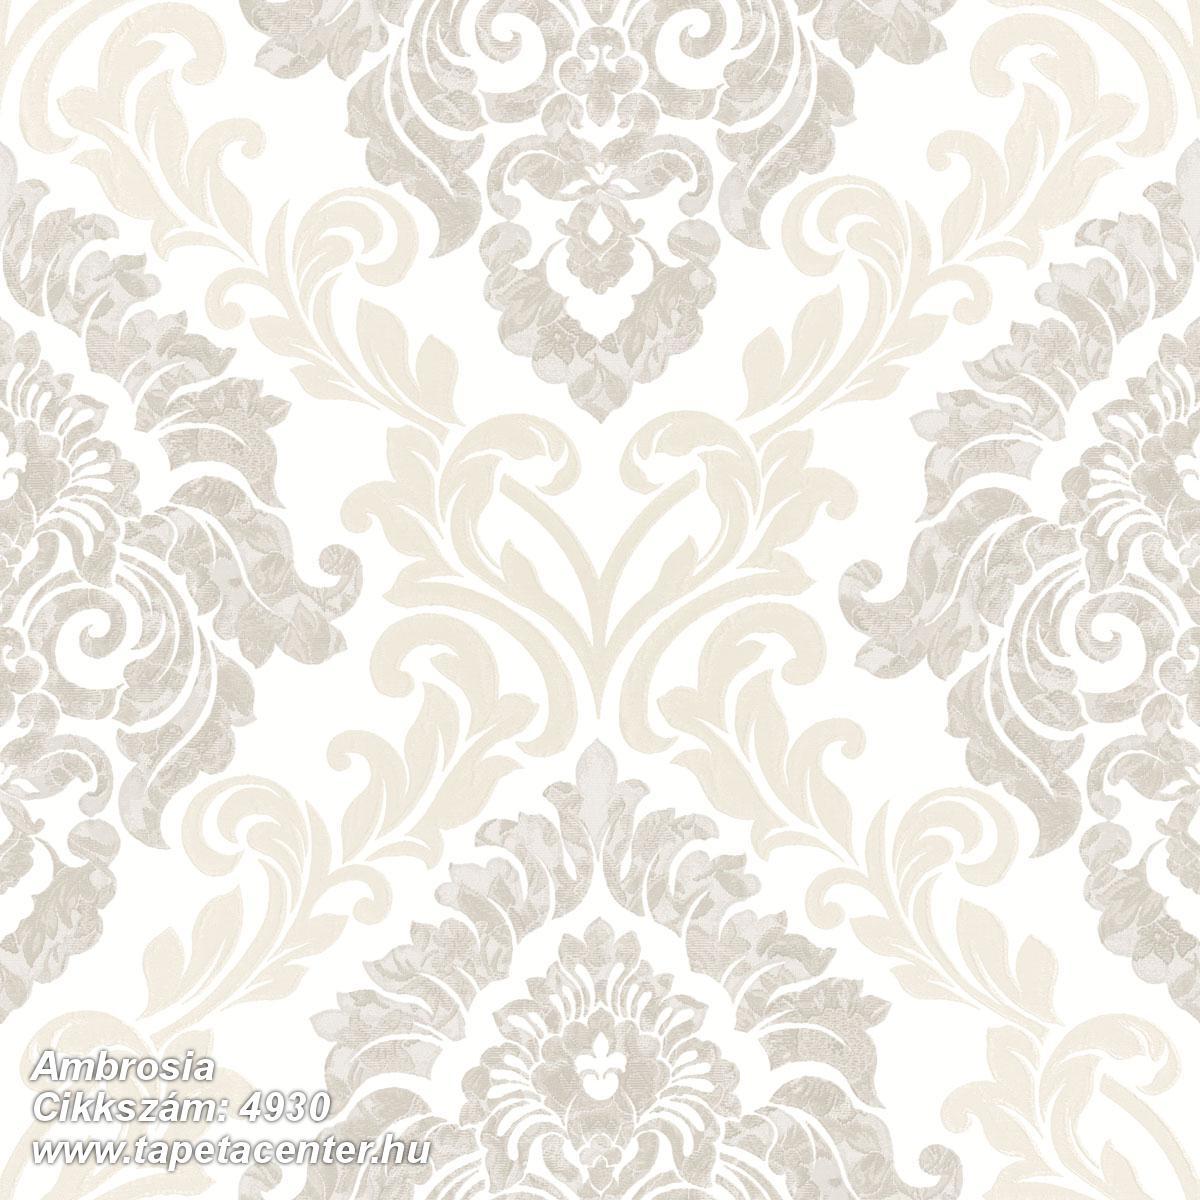 Barokk-klasszikus,különleges motívumos,textil hatású,barna,bézs-drapp,fehér,súrolható,vlies tapéta